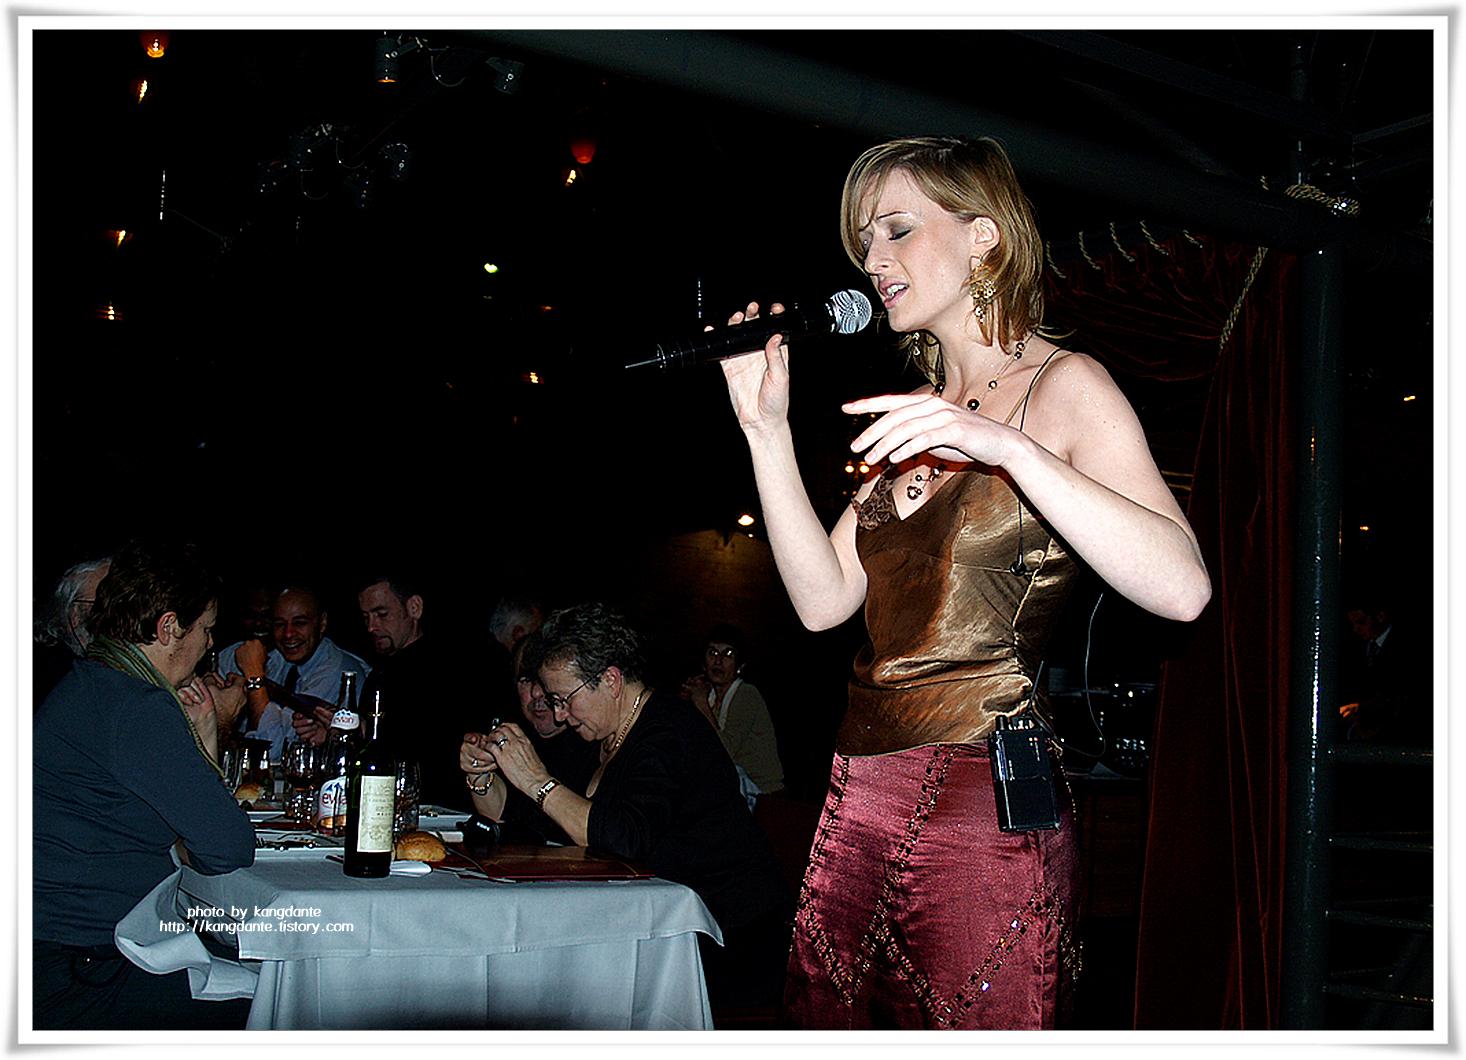 파리 세느강의 유람선 저녁식사, 바또 파리지엥(Bateaux Parisiens)